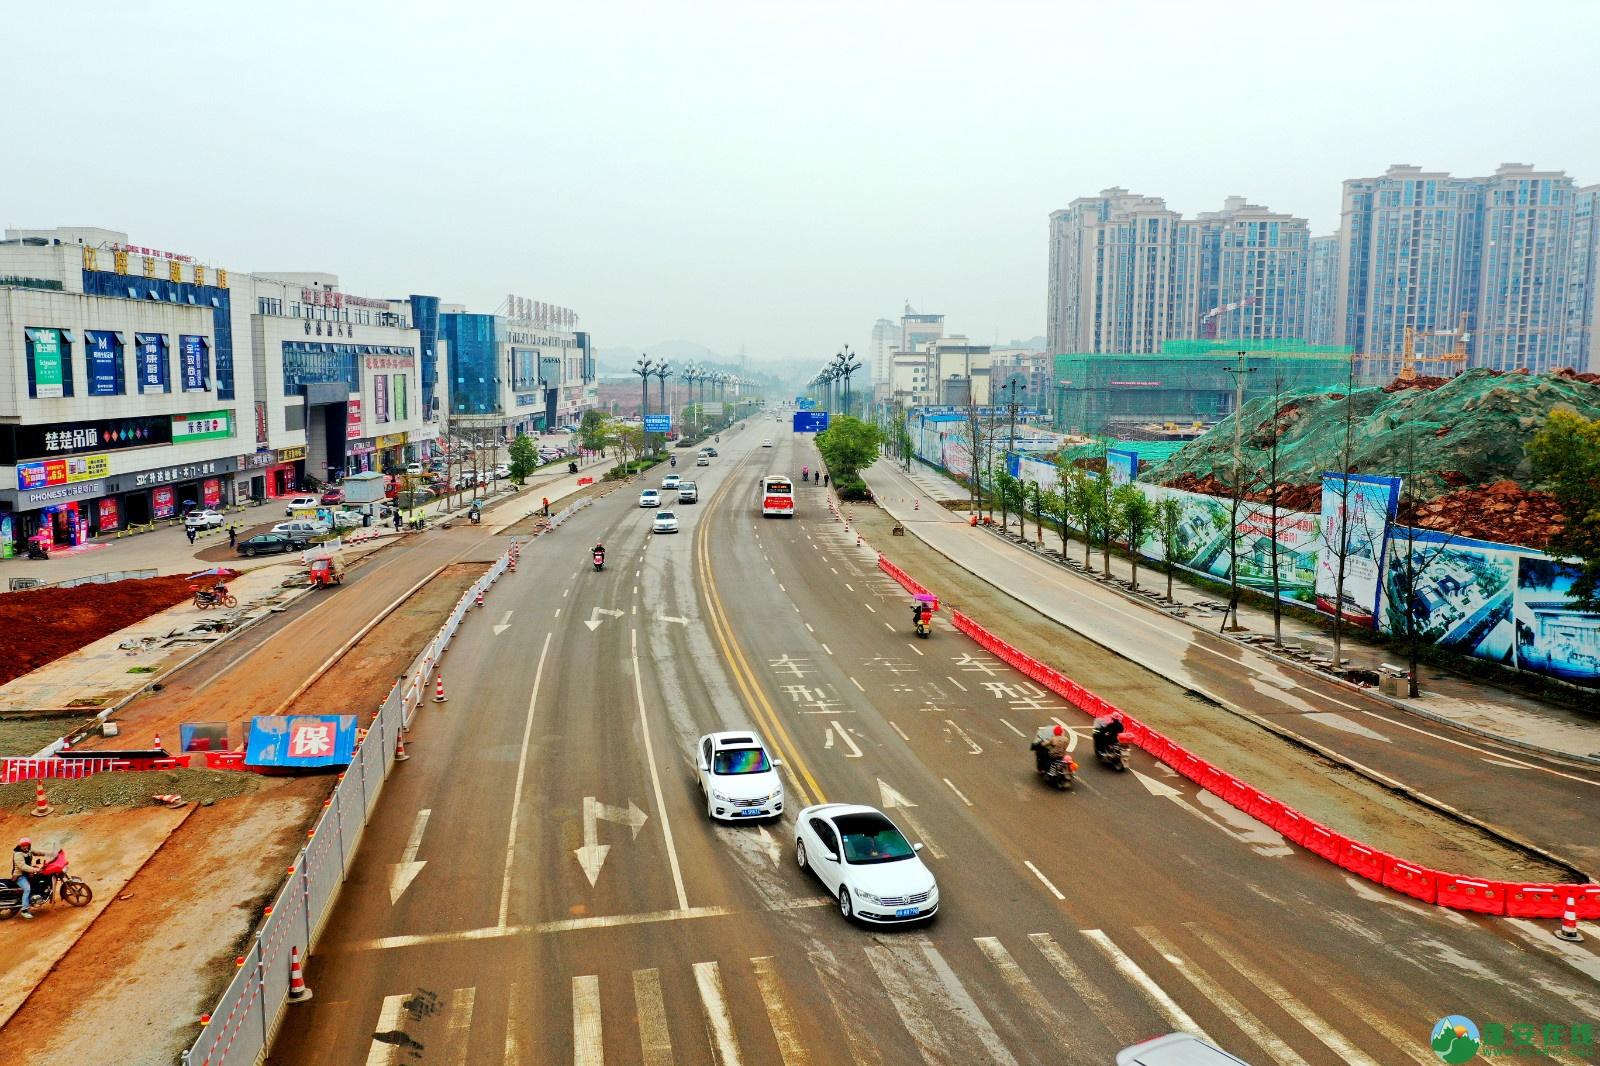 蓬安县凤凰大桥西延线、燕山大道、锦屏干一道、抚琴大道交通要道最新进展!(2019.12.24) - 第6张  | 蓬安在线